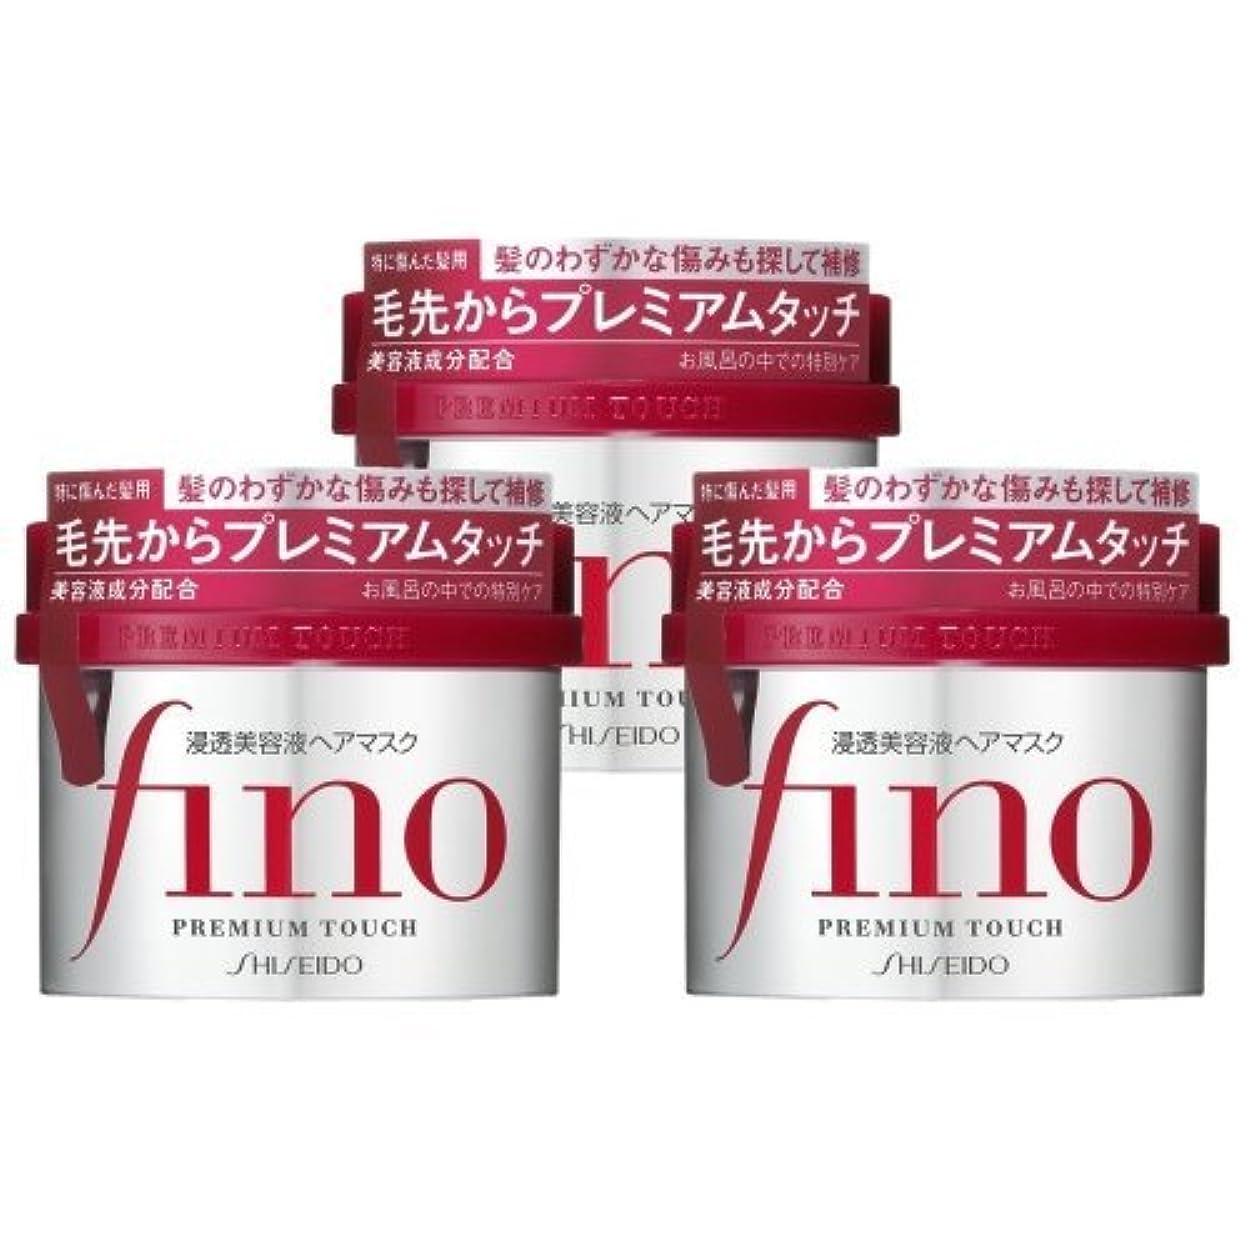 縮約満足ダイジェストShiseido Fino Premium Touch penetration Essence Hair Mask Hair Treatment 230g [Set of 3] *AF27* by Fino